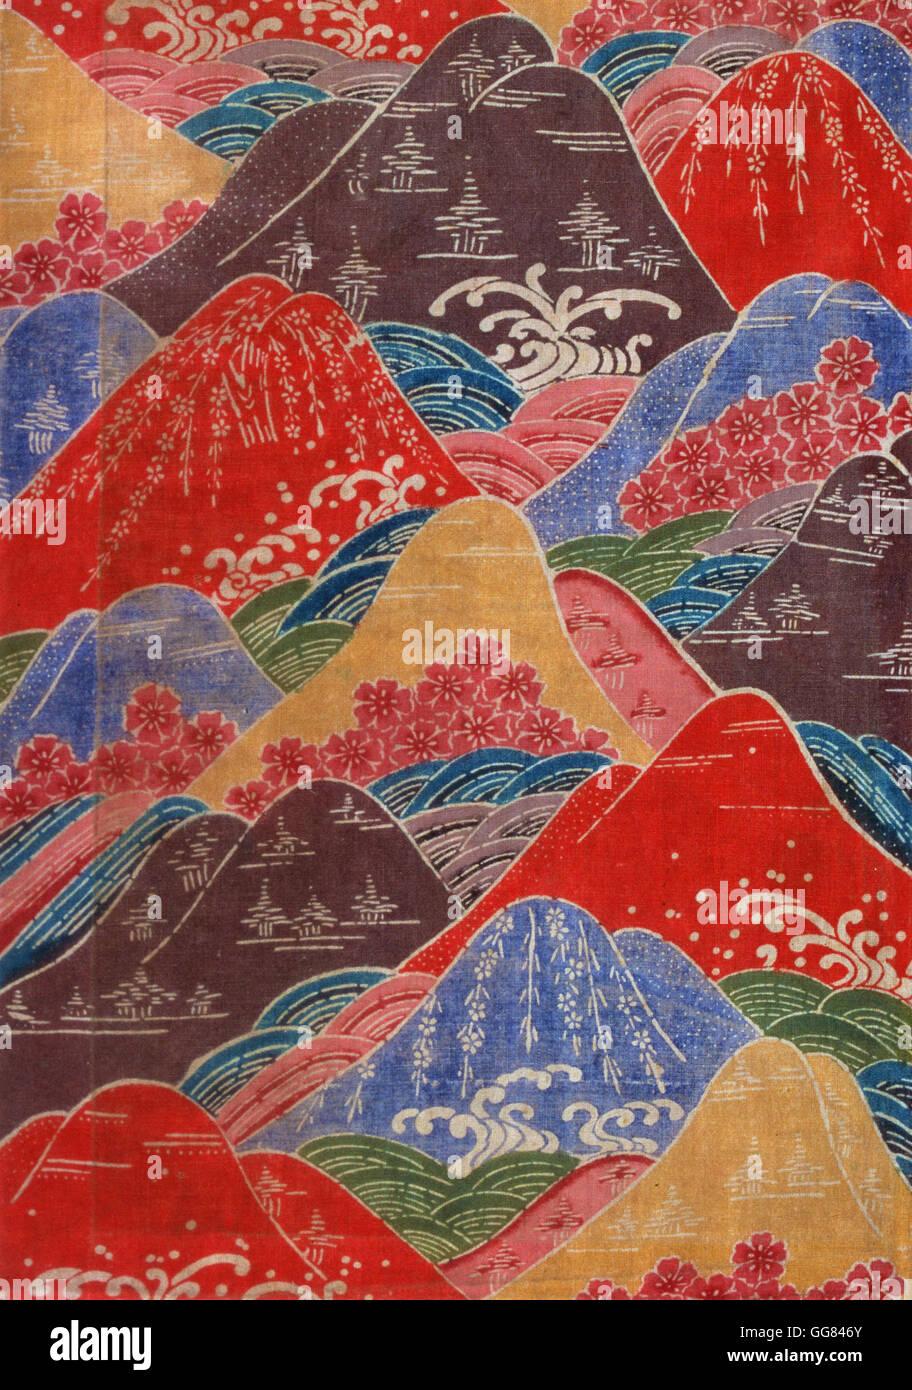 Fragment de textiles Bingata- fleurs de cerisier, les vagues, les motifs des montagnes Photo Stock